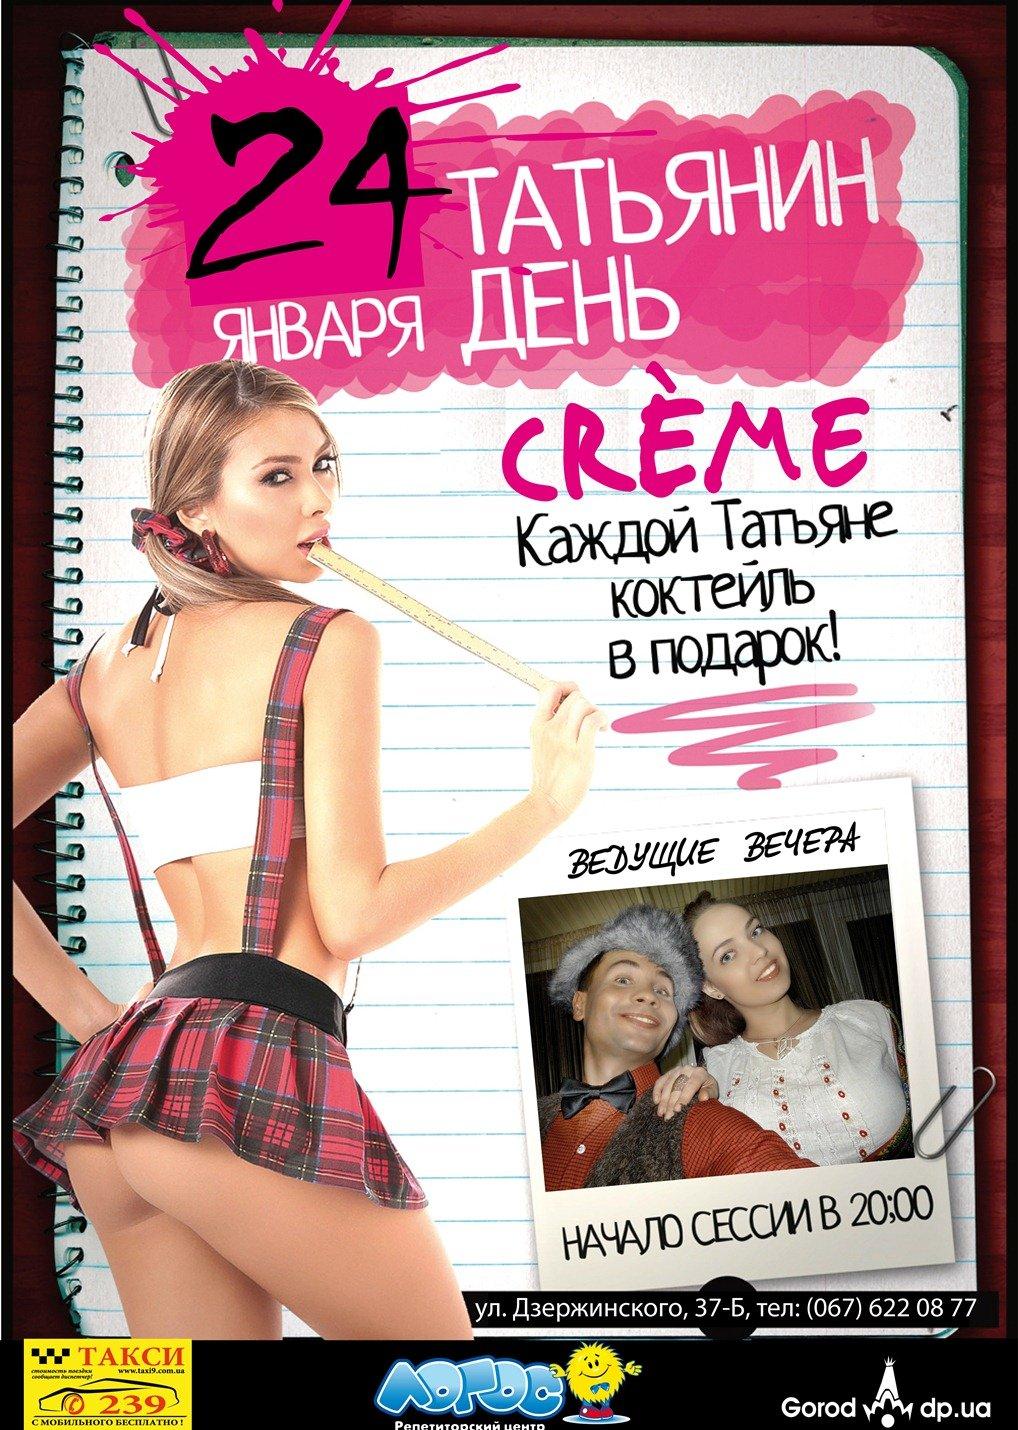 Афиша А-3 Татьянин День